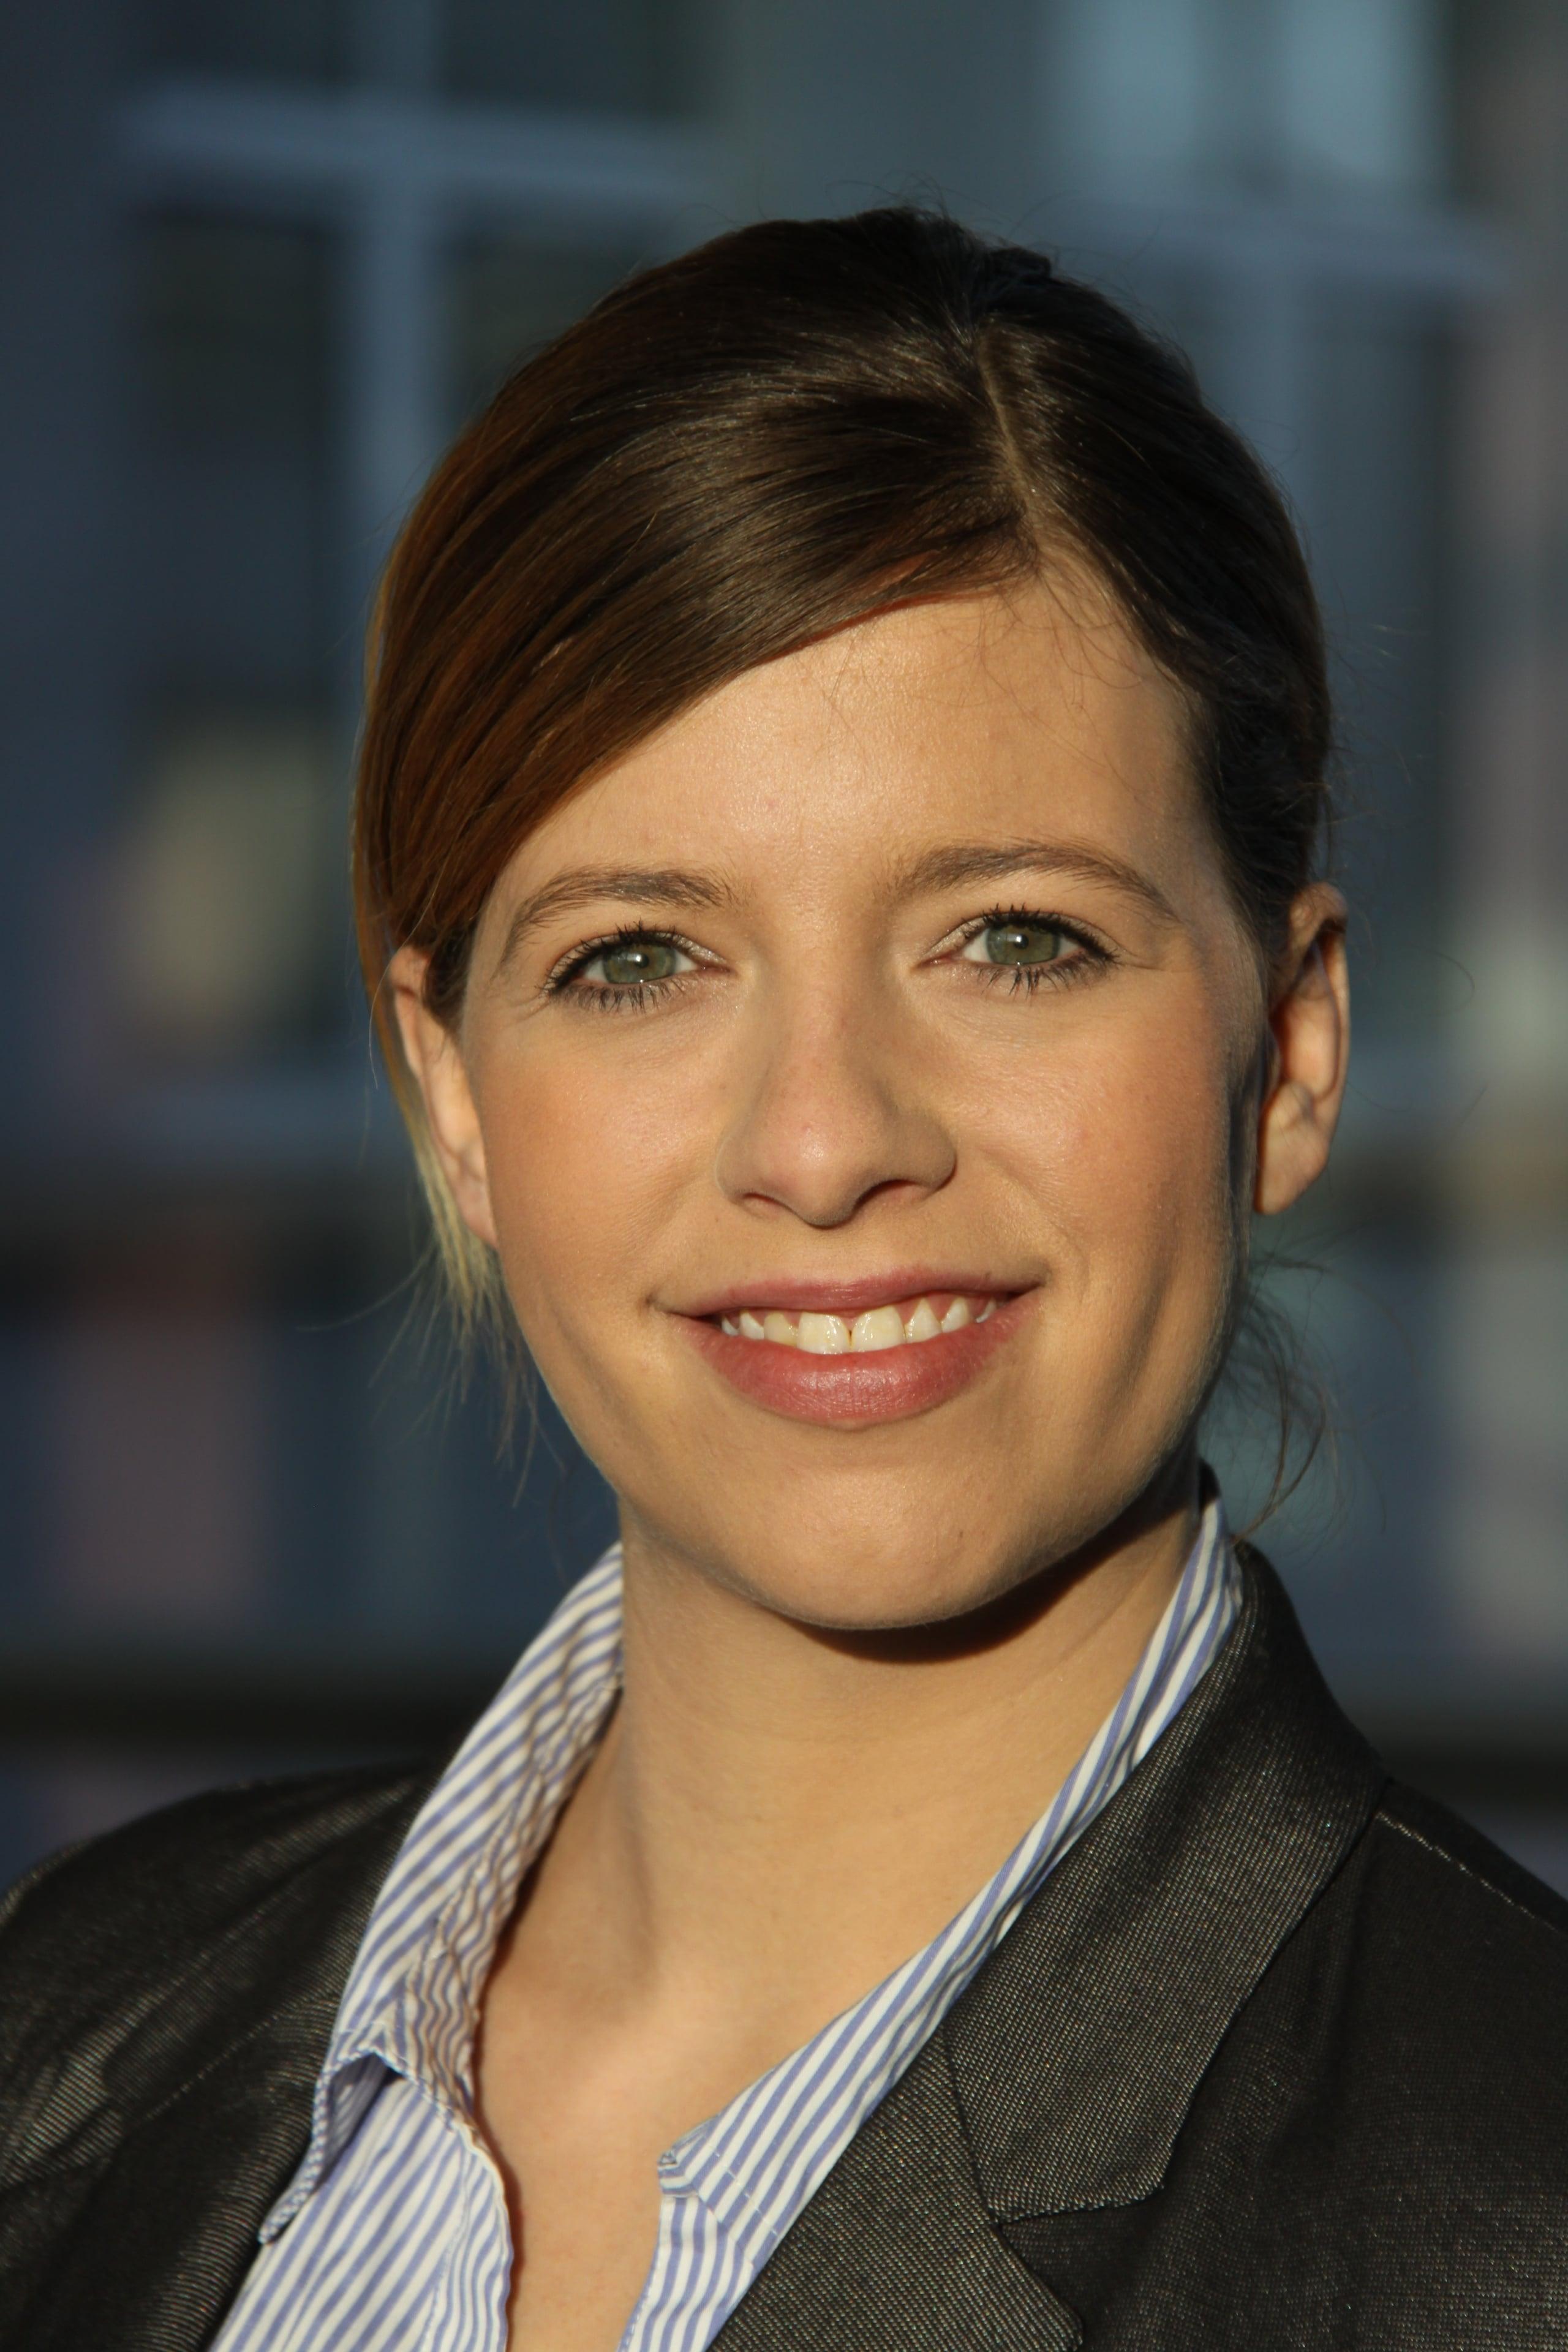 Sarah Merz ist Produktmanagerin im Bauwesen im Beuth Verlag